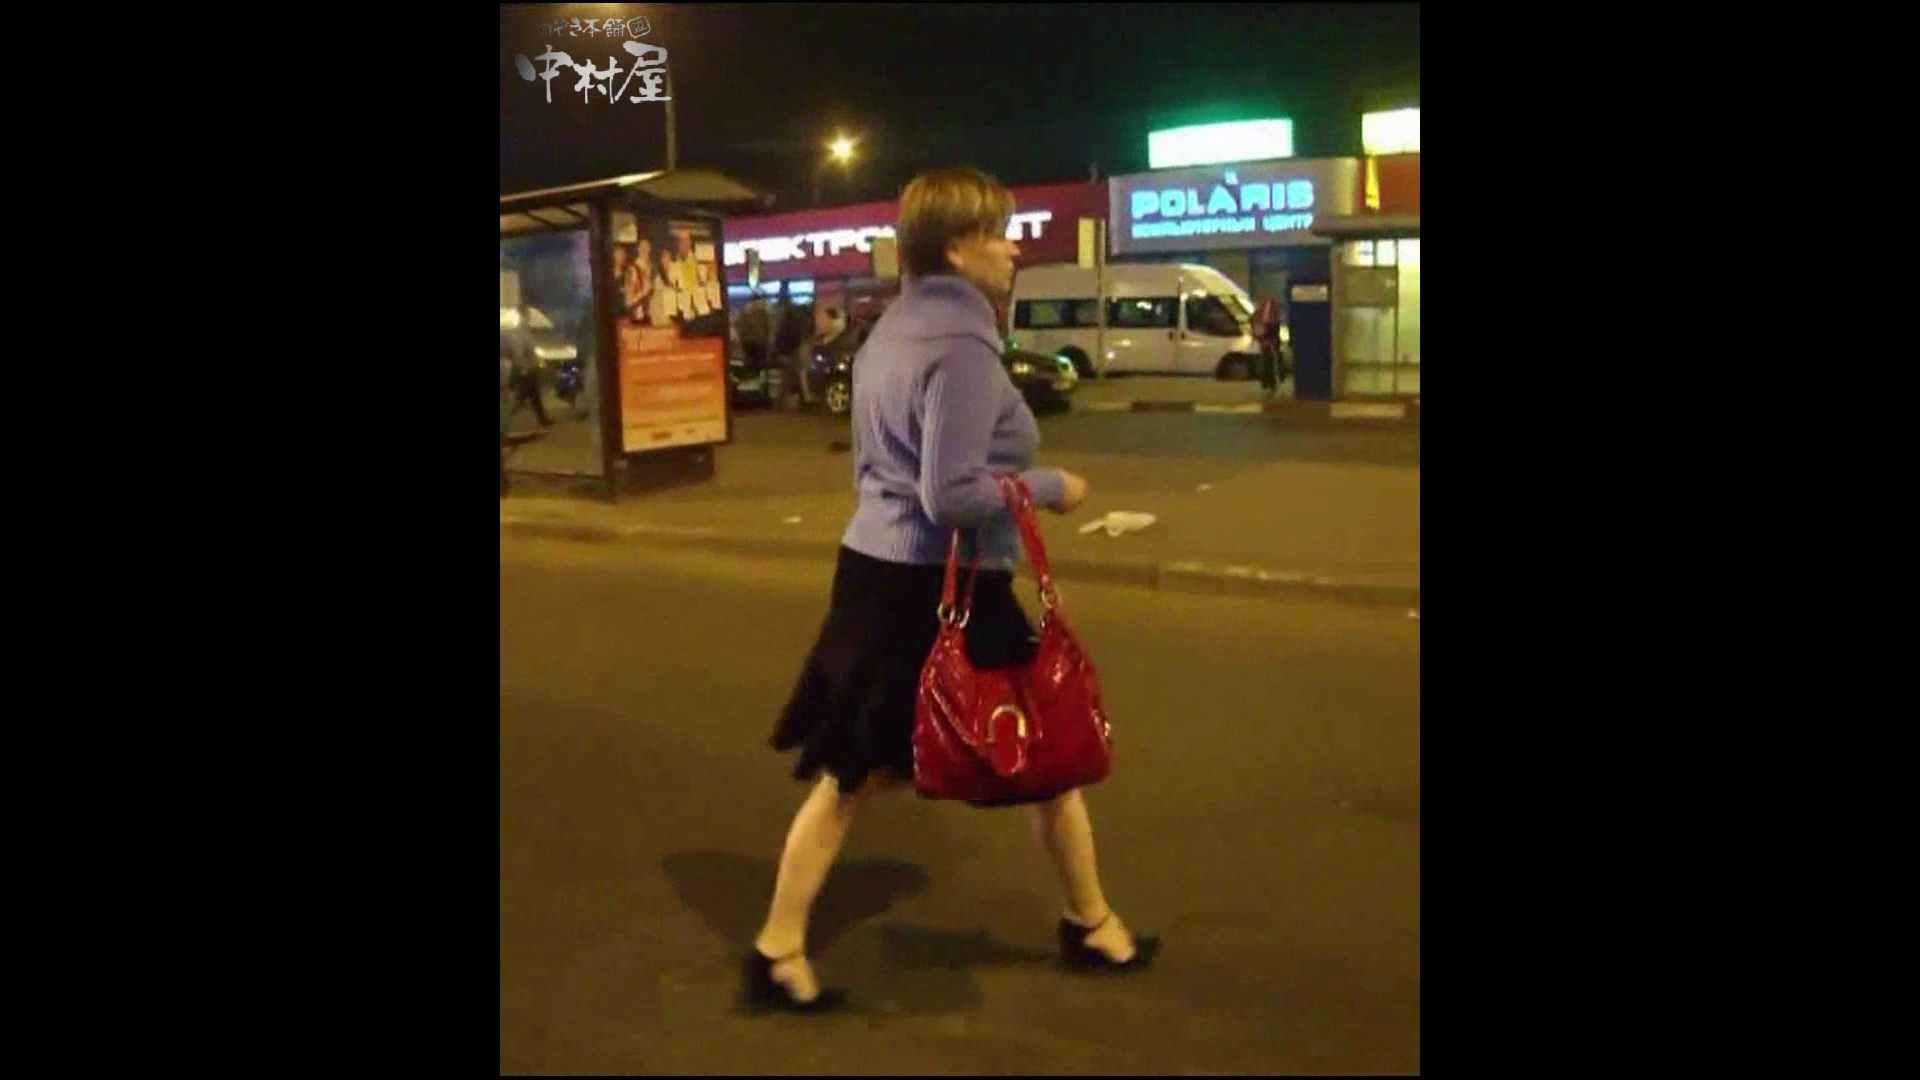 綺麗なモデルさんのスカート捲っちゃおう‼ vol12 お姉さんのエロ動画 | 0  84PIX 75